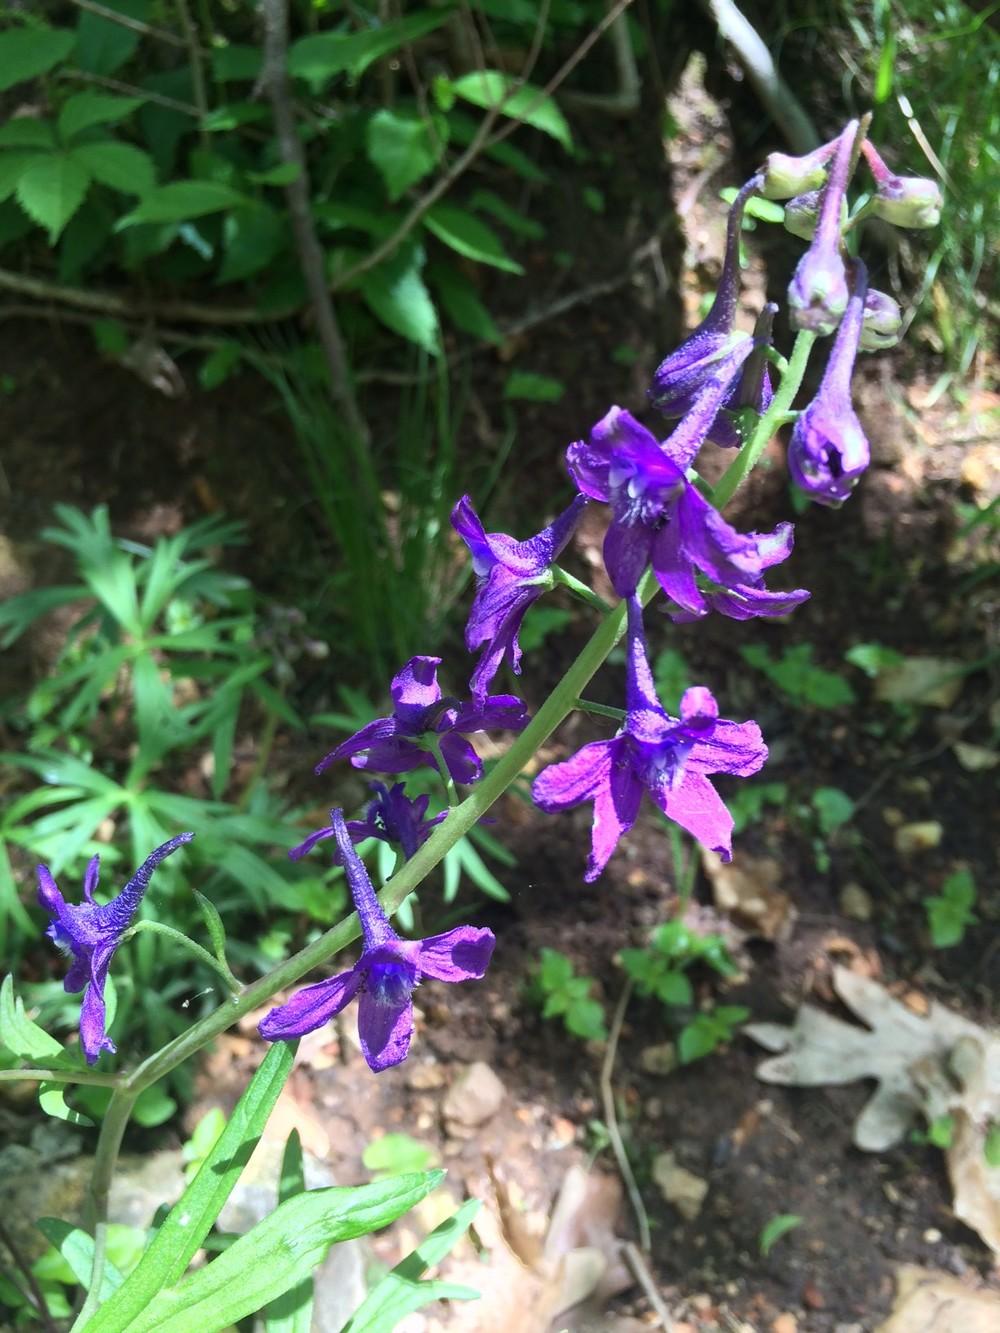 Carolina larkspur (Delphinium carolinianum)